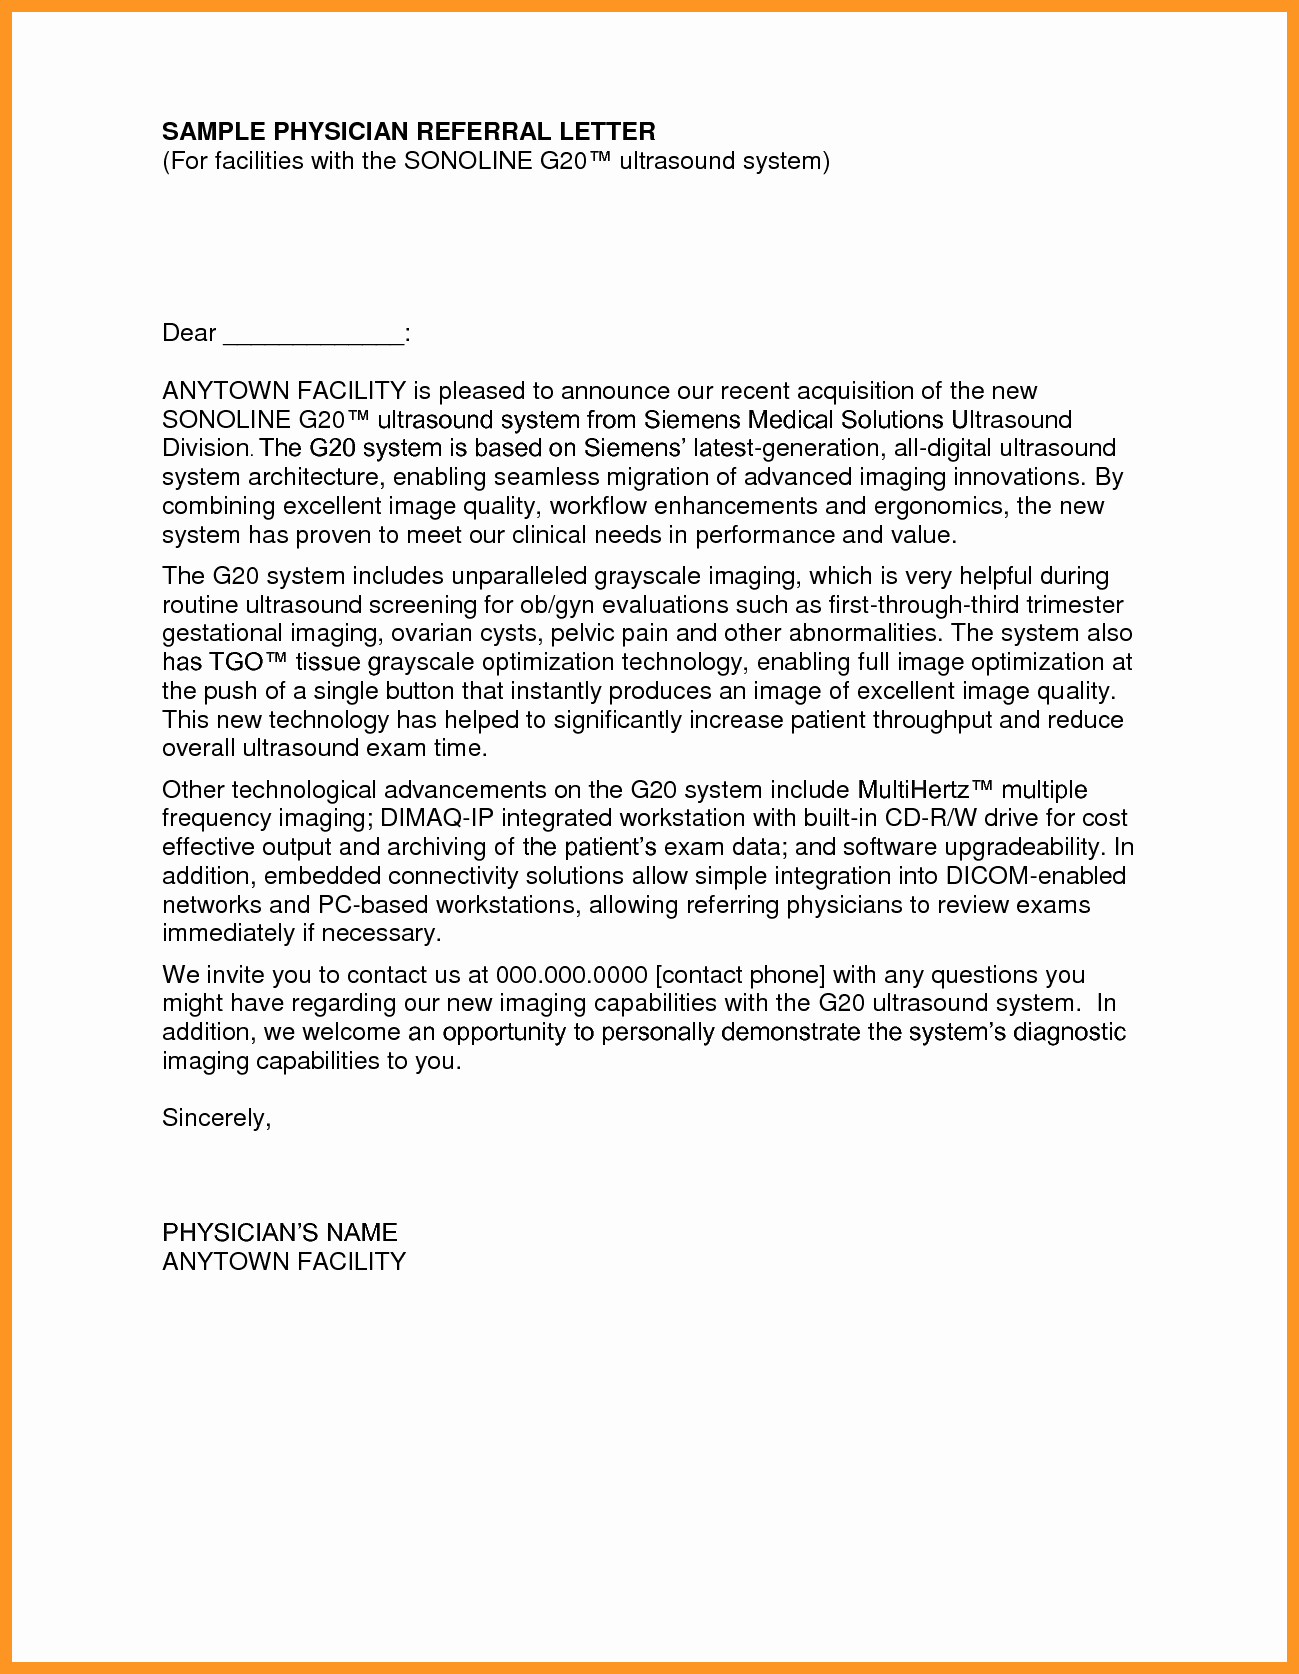 Medical Referral Letter Template Elegant Re Mendation Letter Medical School